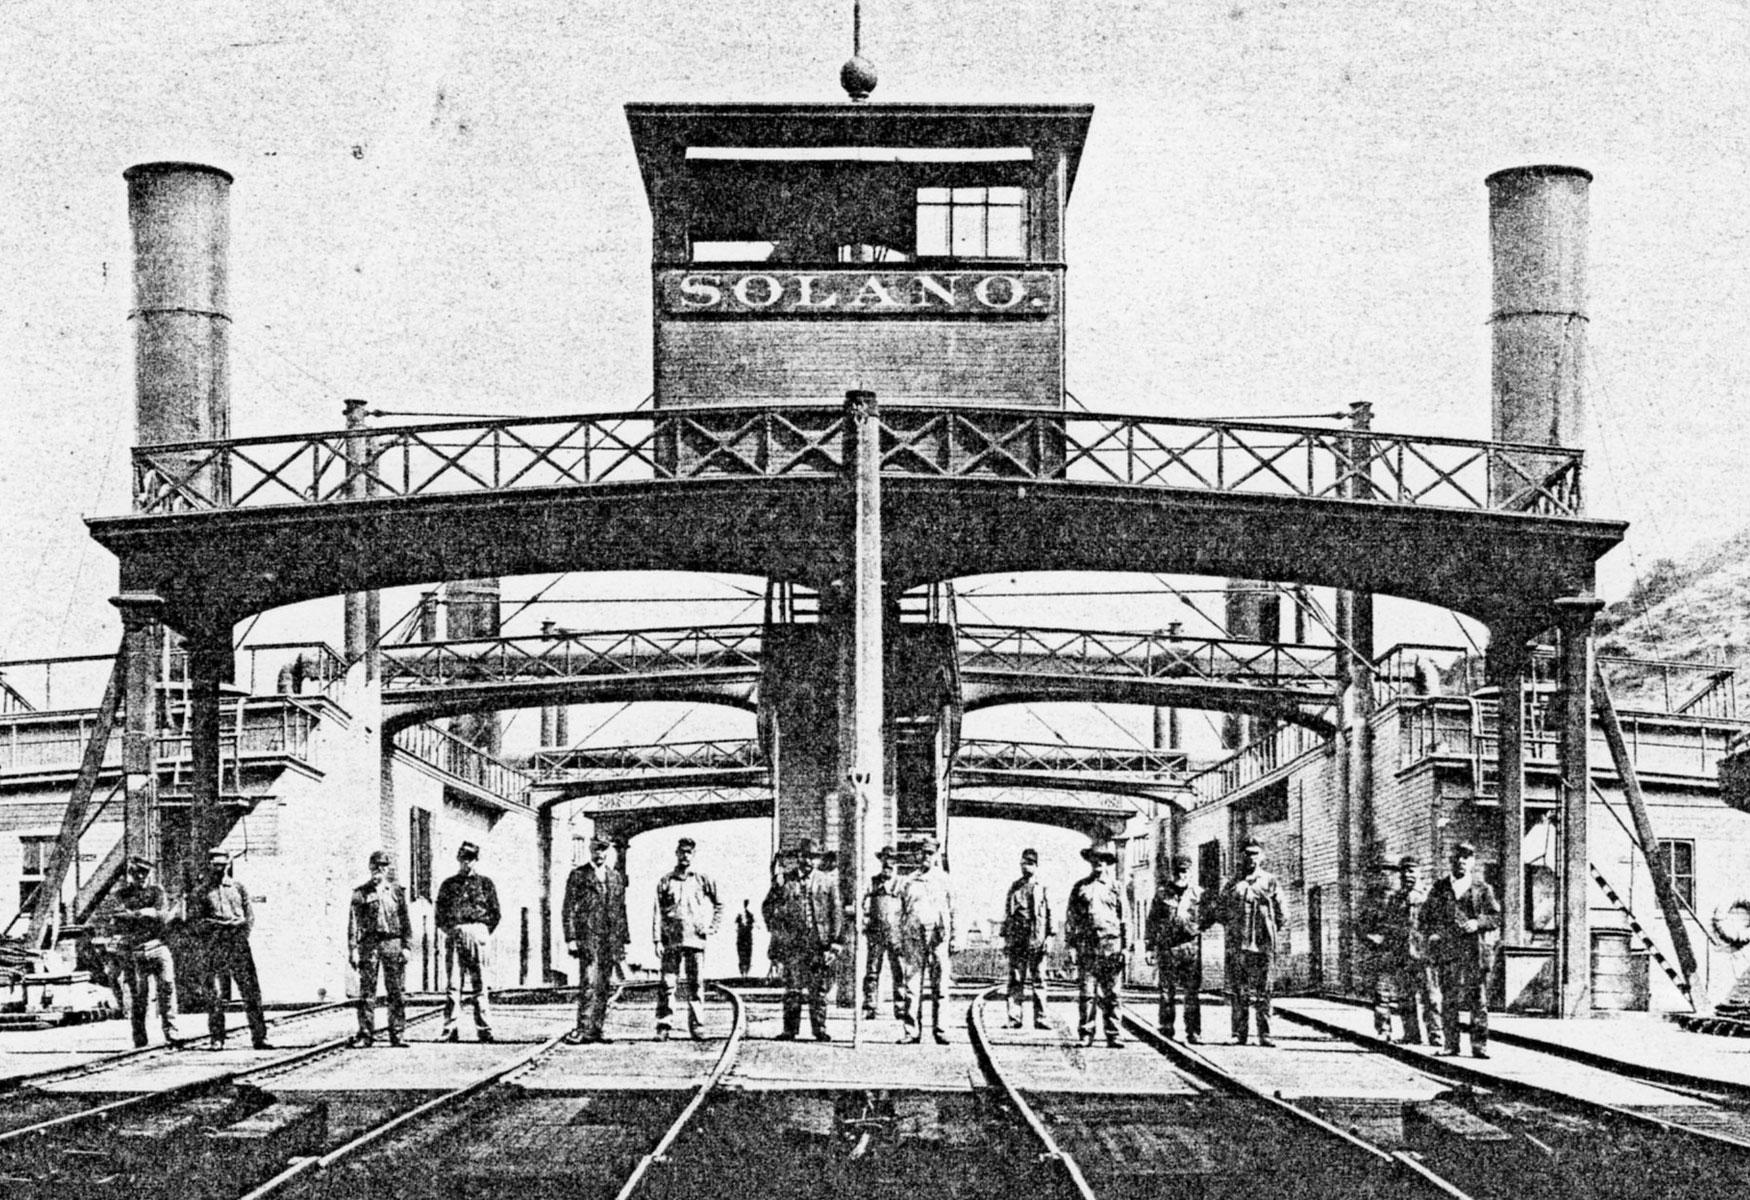 Railroad Heritage